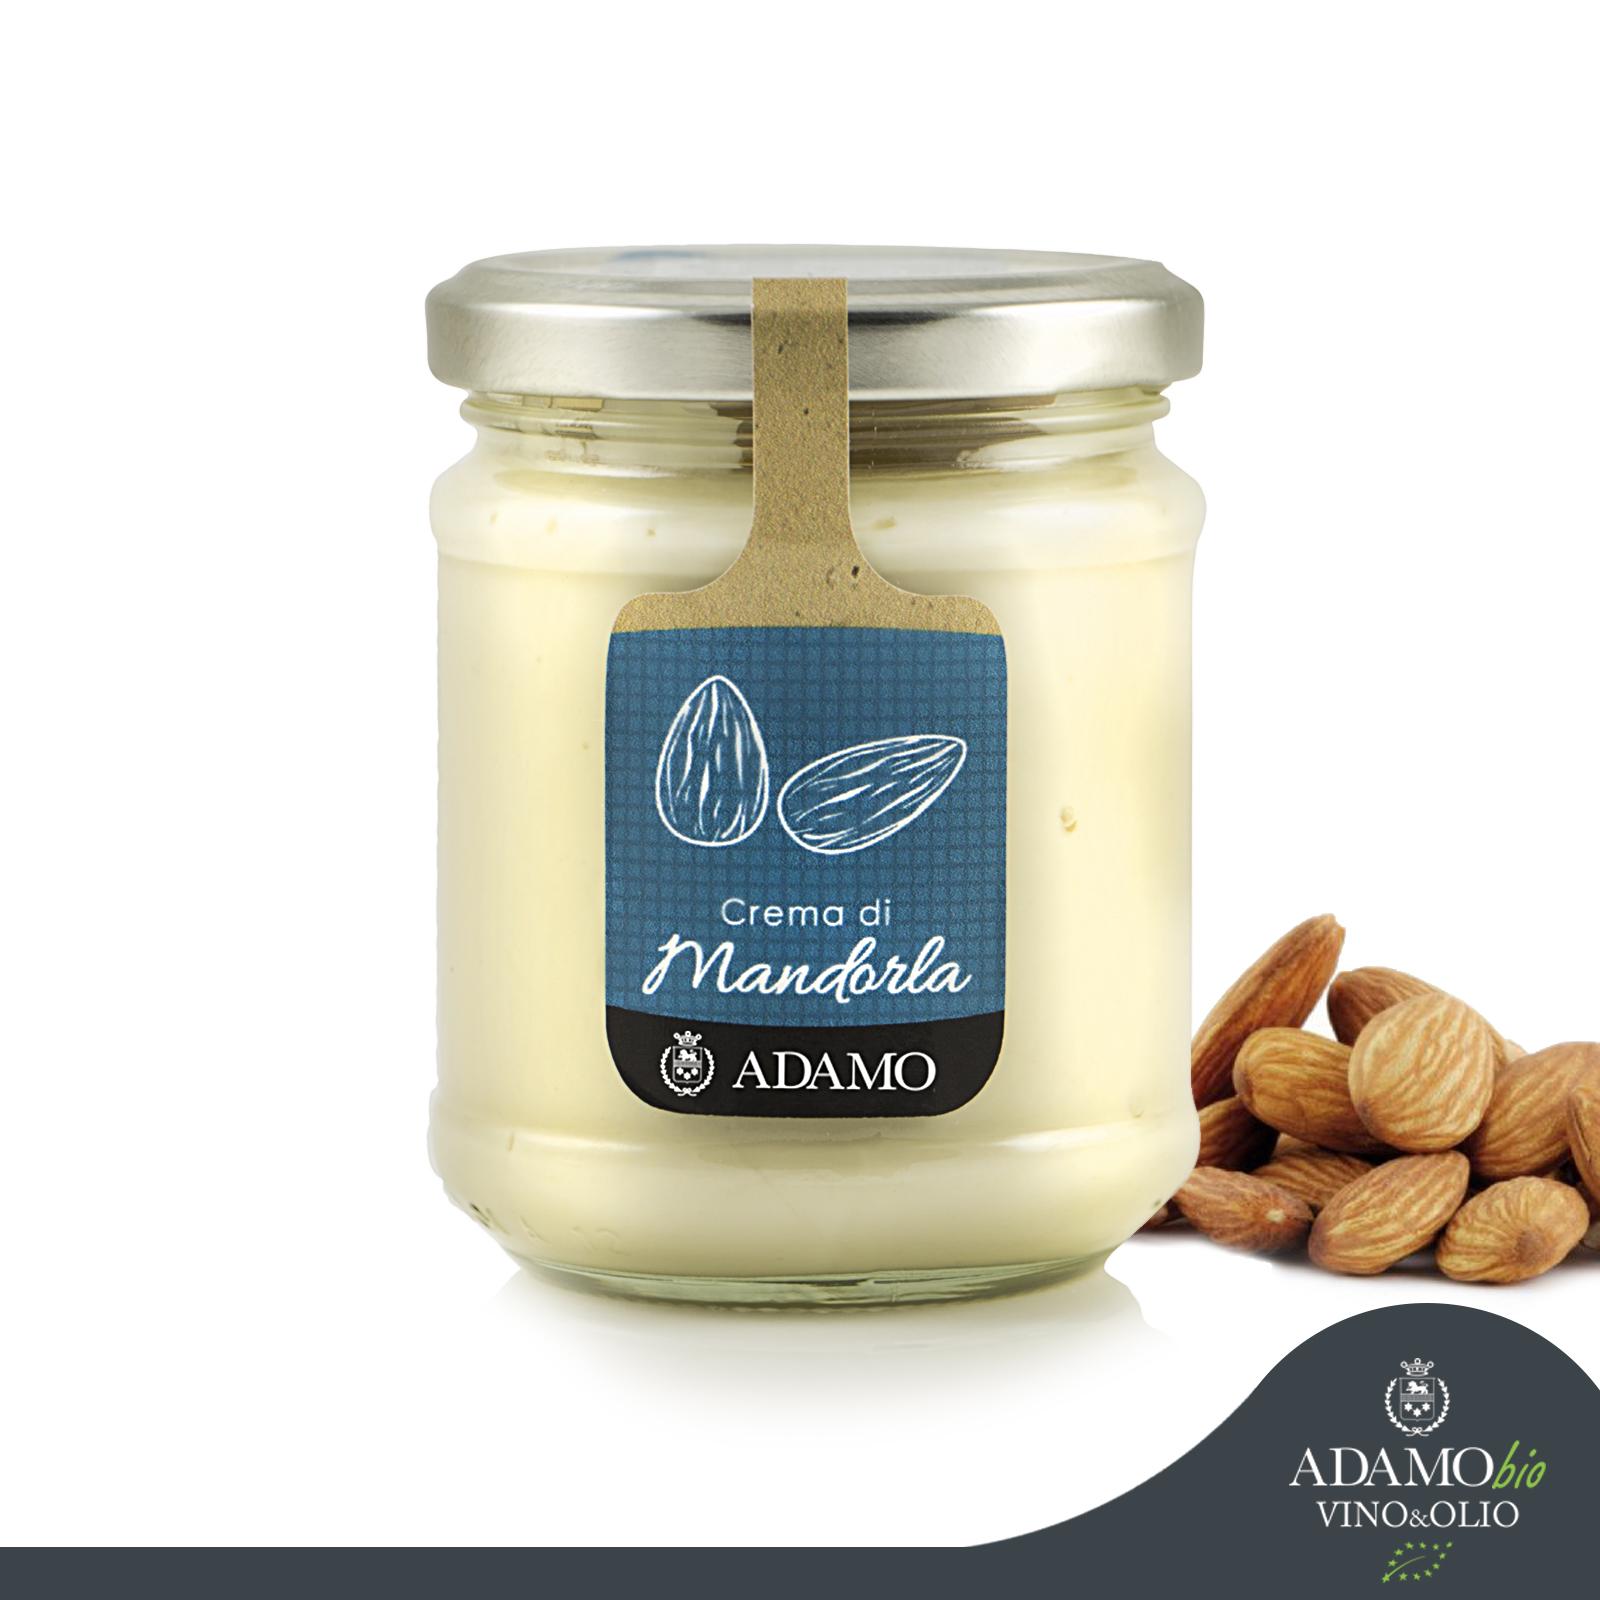 Pesto di Mandorle - Azienda Agricola Biologica Adamo